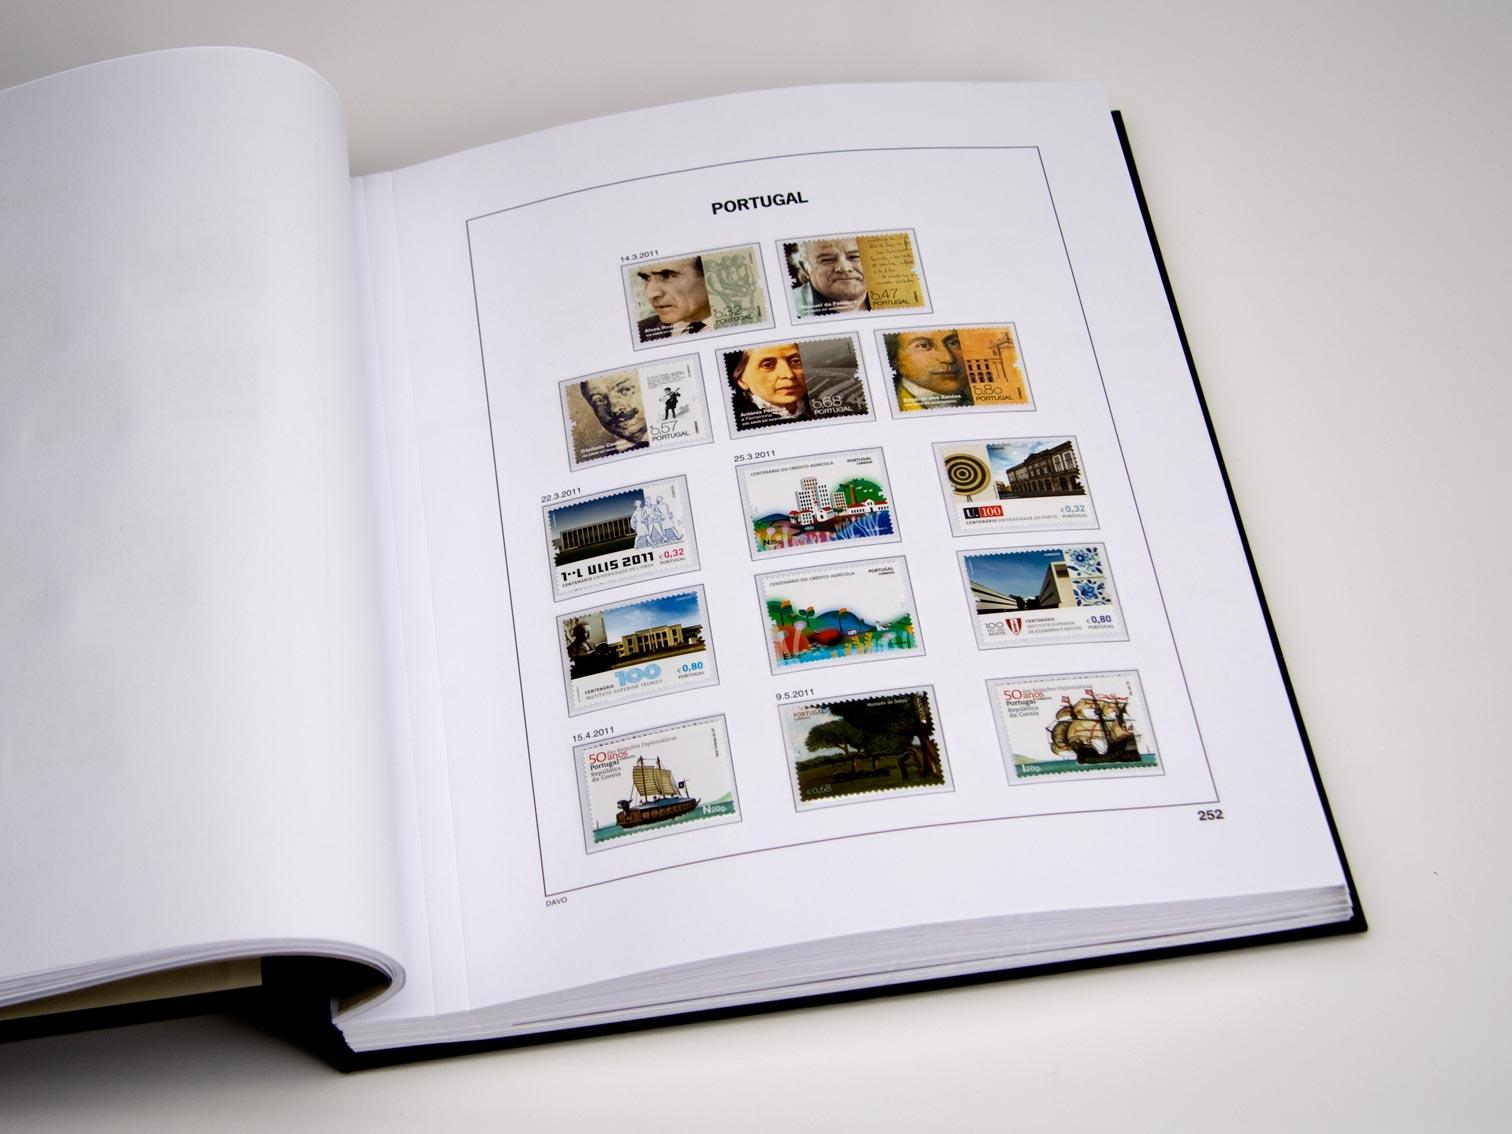 Portugal Luxe Album Volume 5 1994-1999